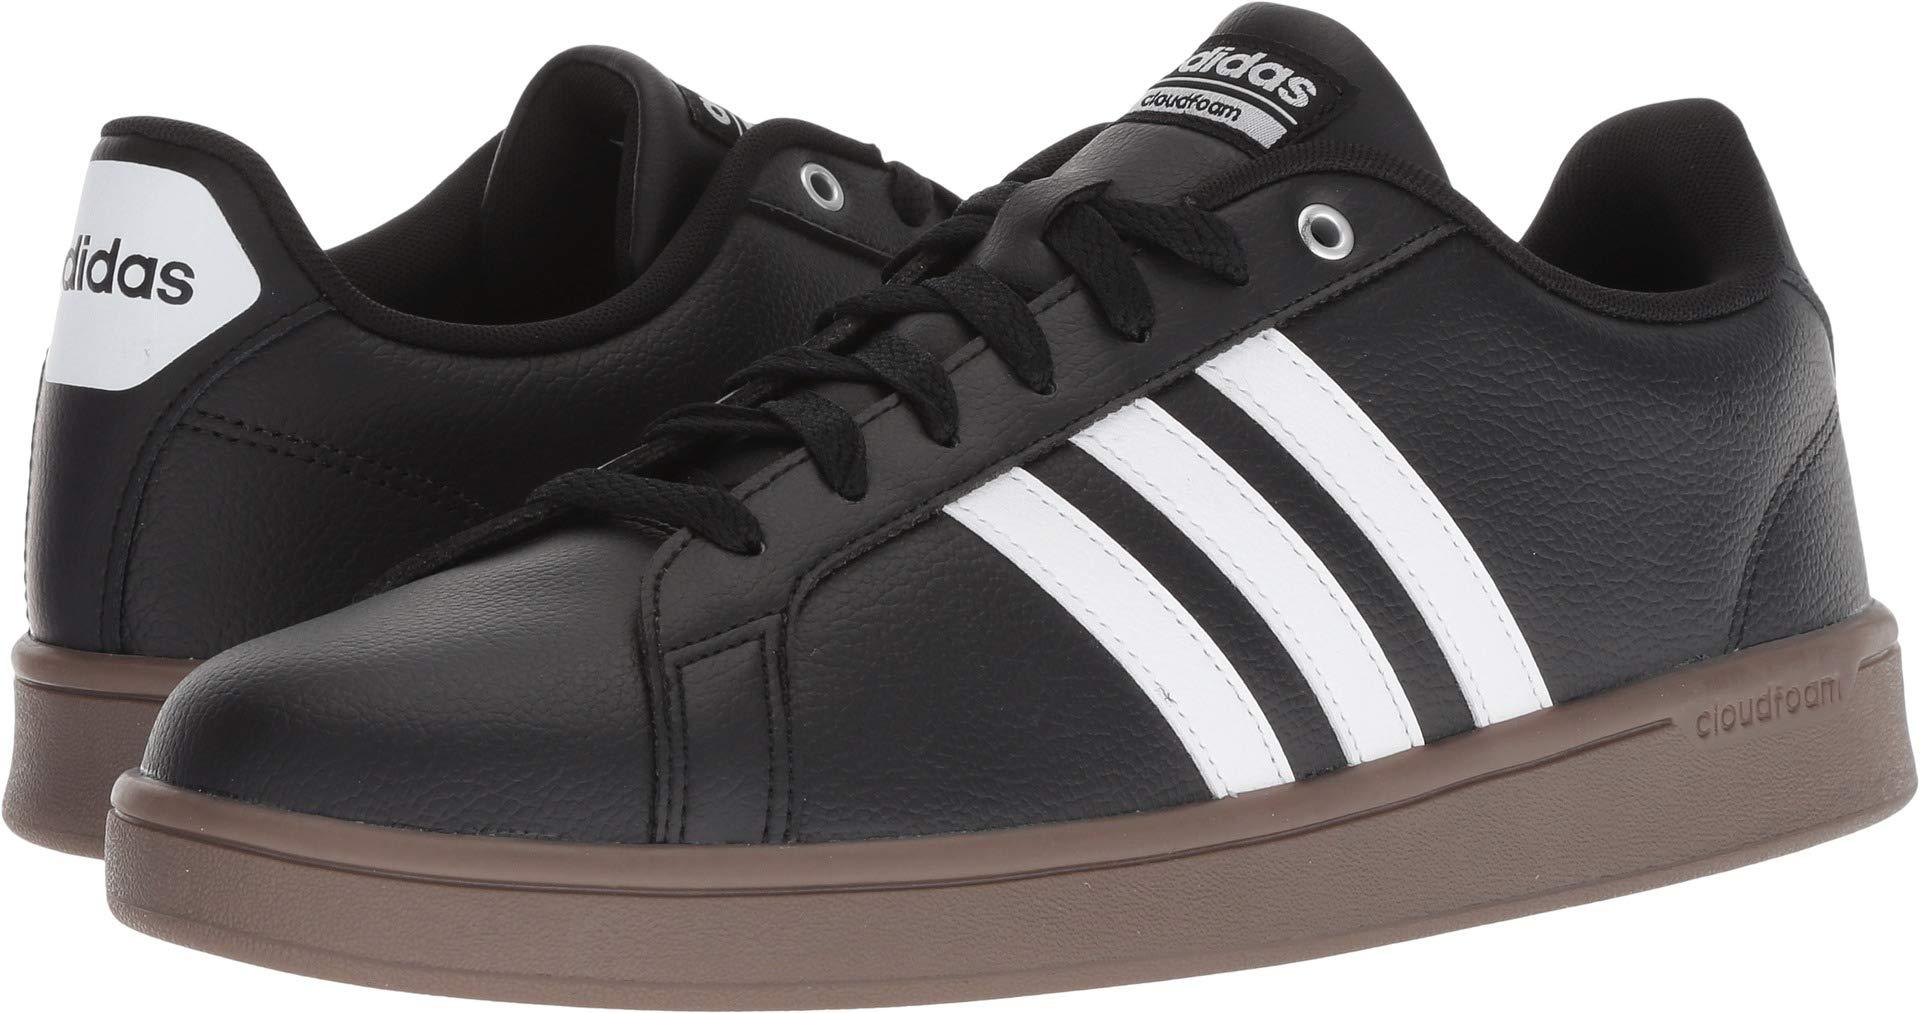 adidas  Men's Cloudfoam Advantage Core Black/Footwear White/Gum 14 D US by adidas